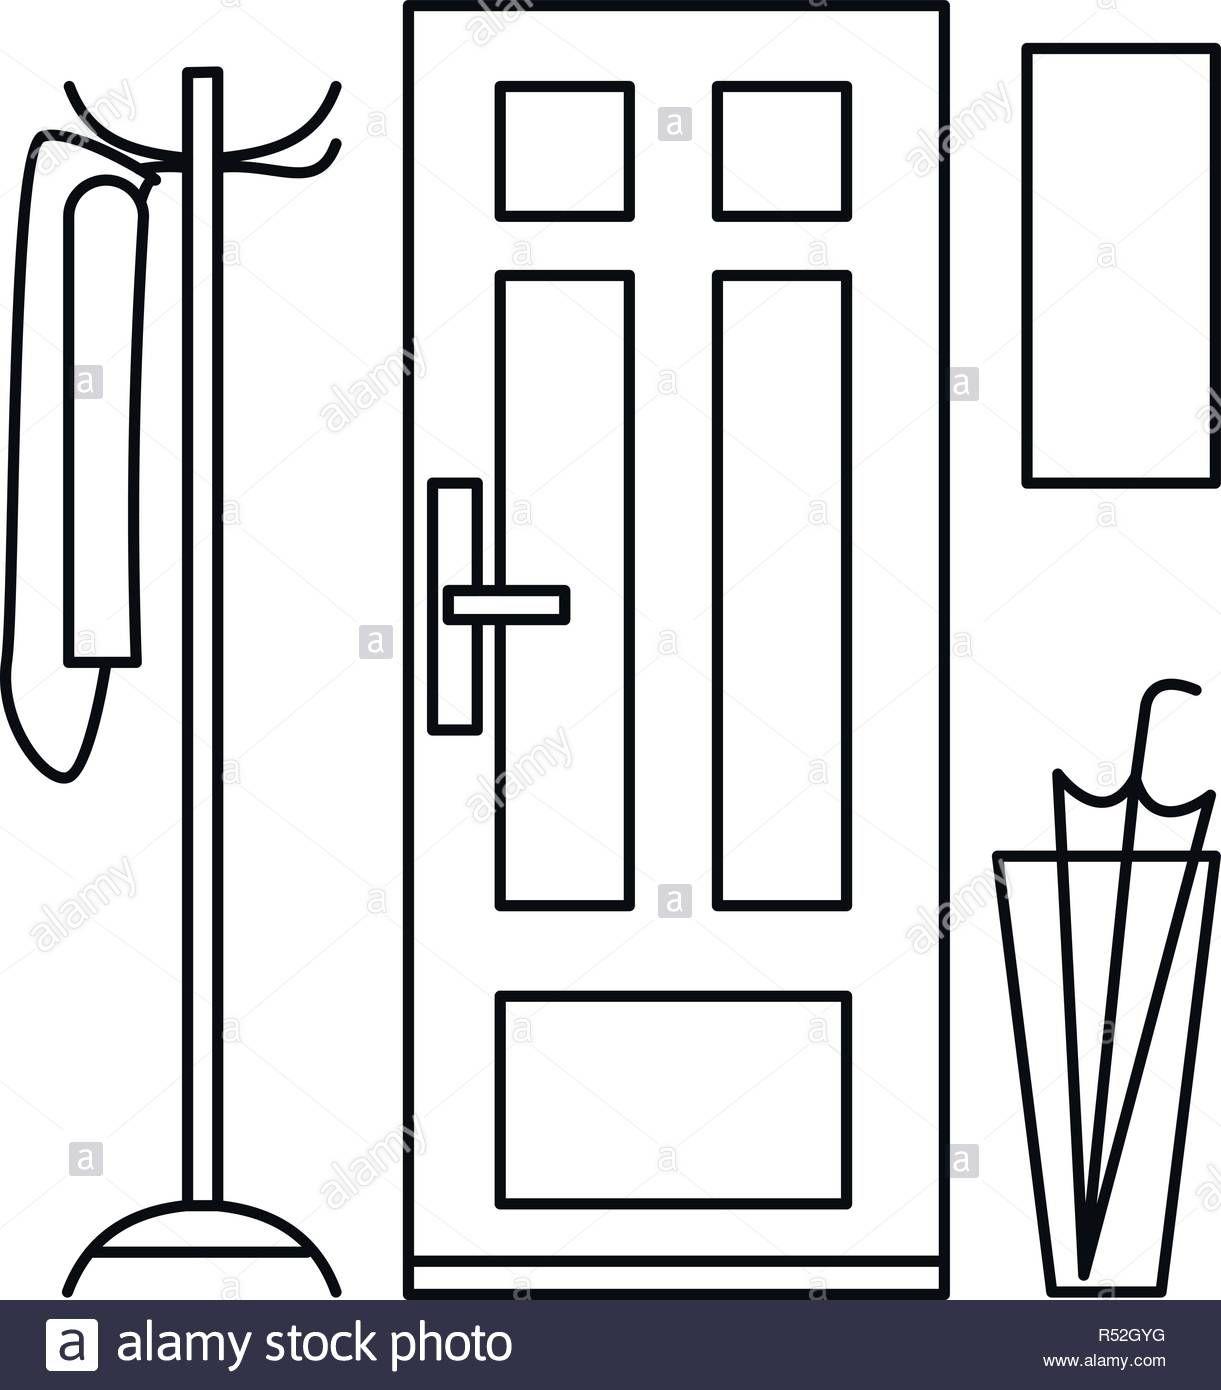 Home door interior icon. Outline illustration of home door